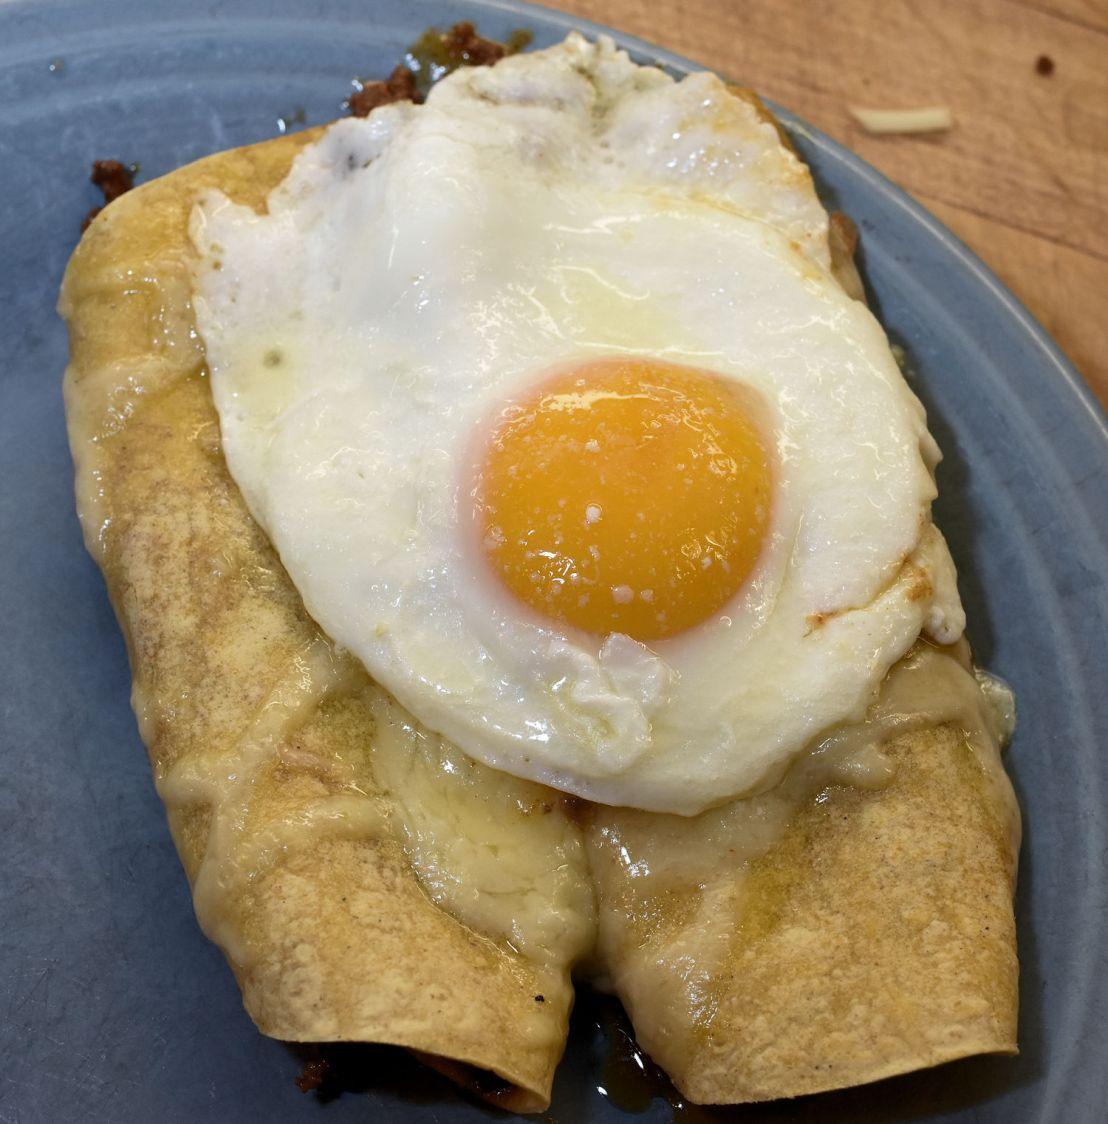 Enchiladas, southwest style